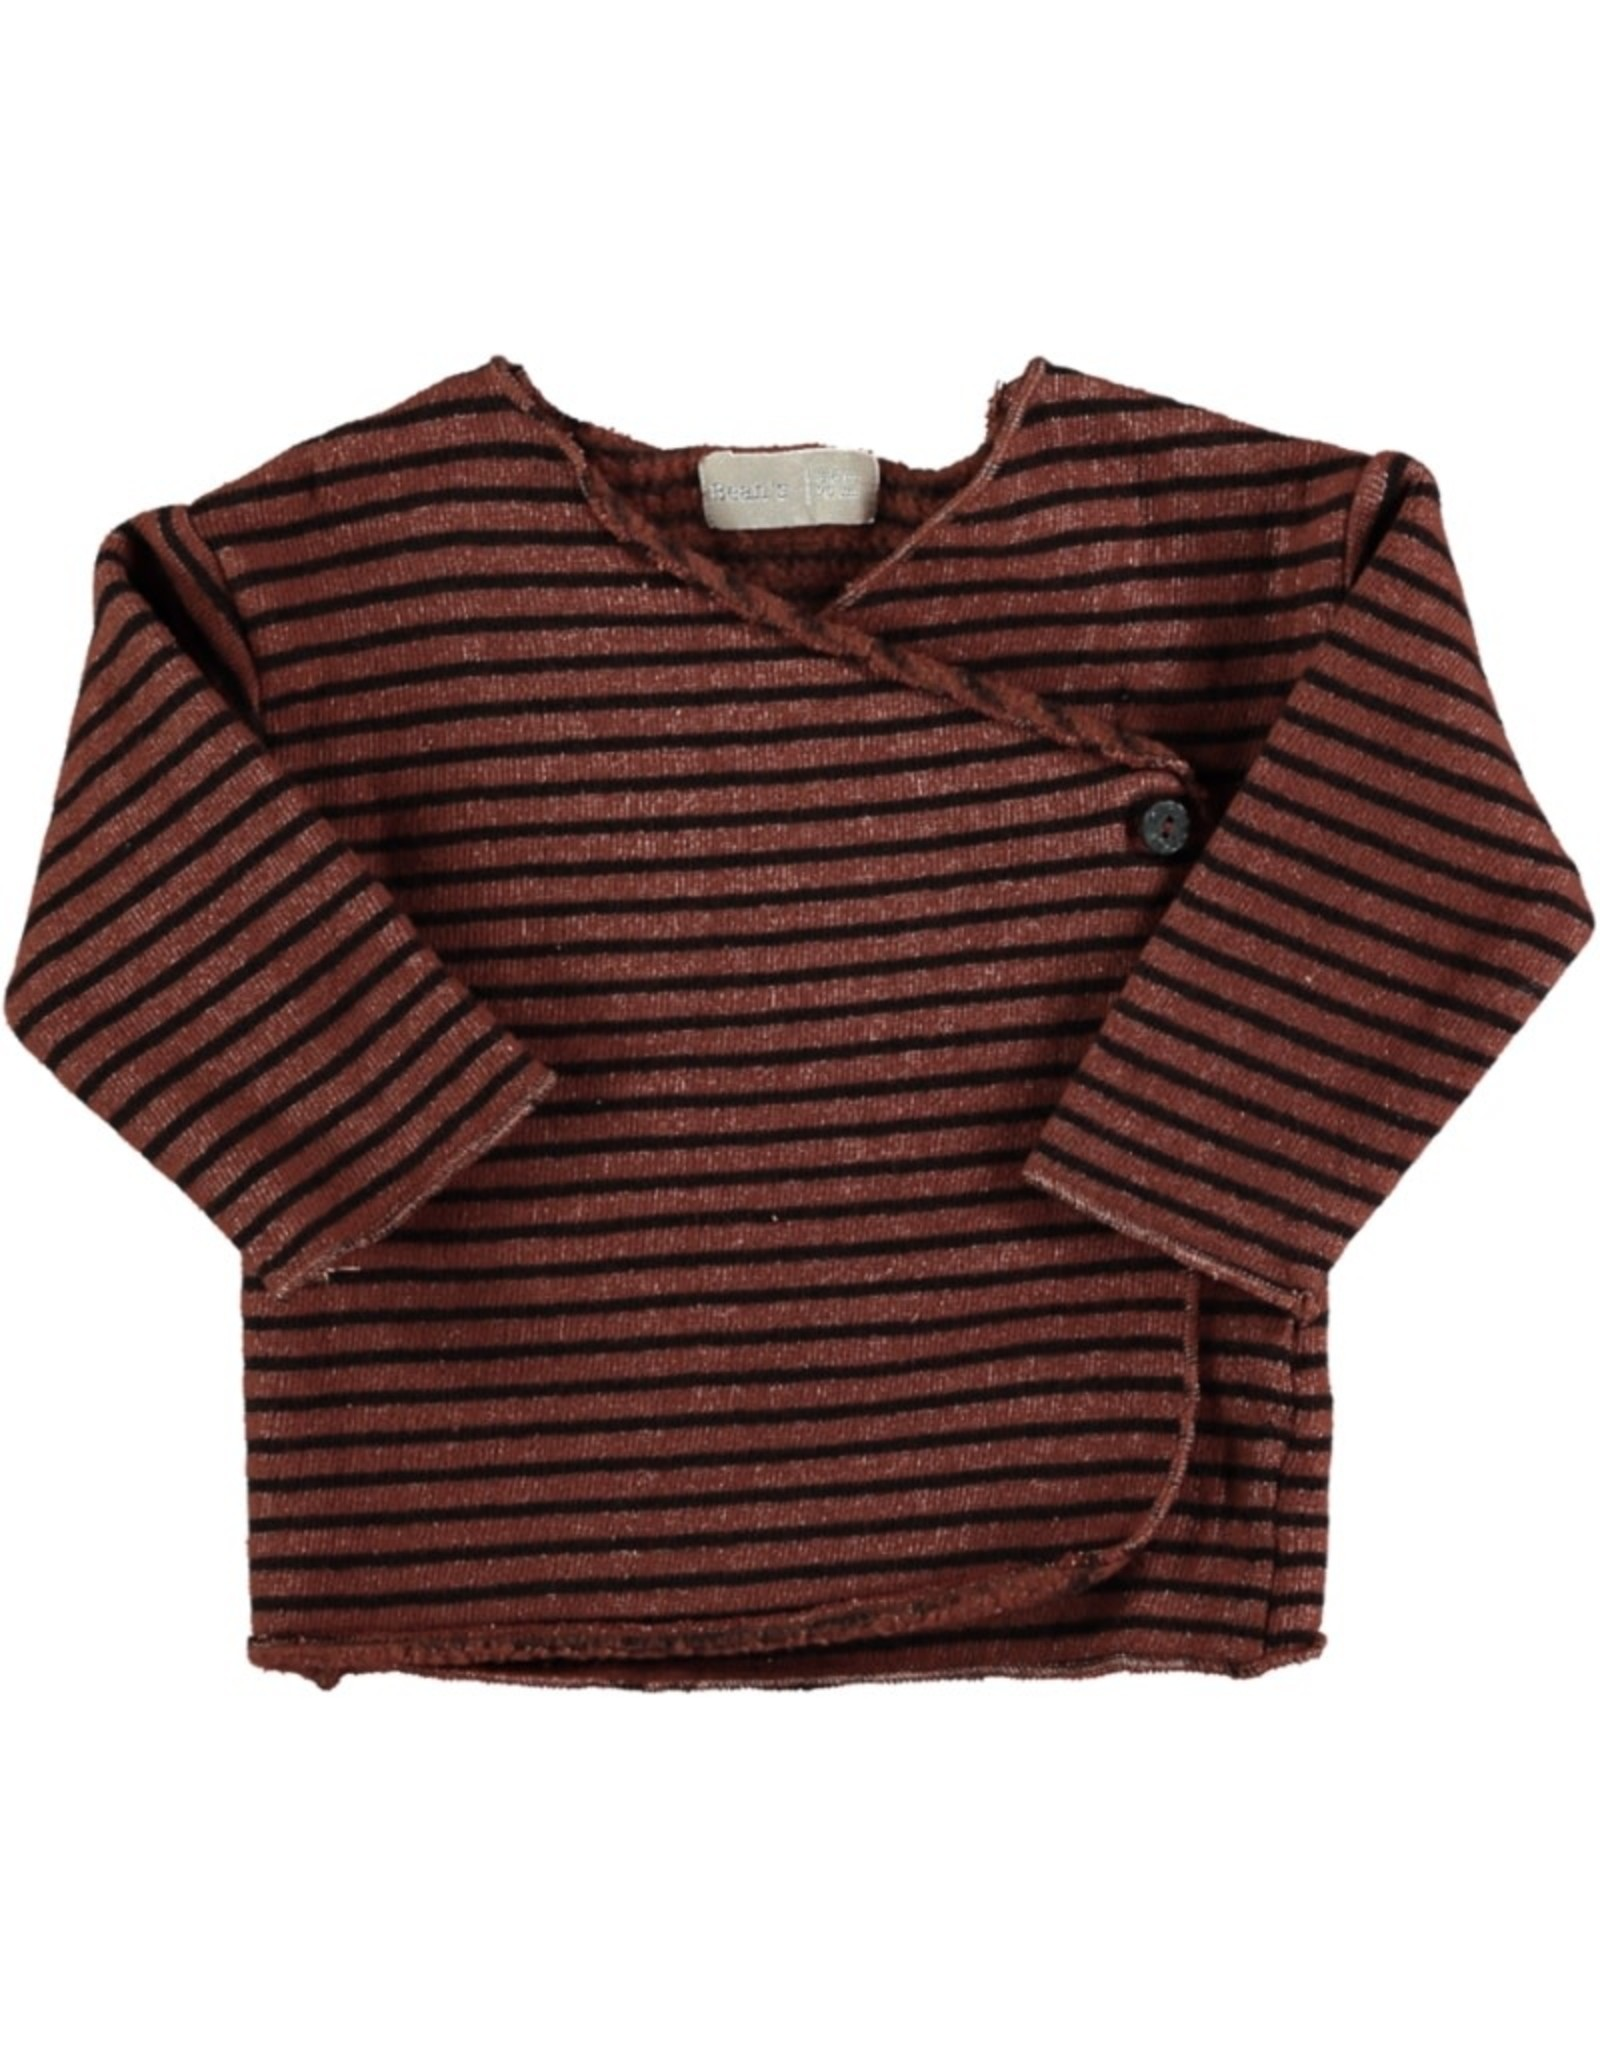 Beans Barcelona Beans Barcelona New Born T-Shirt Striped Warm Fleece